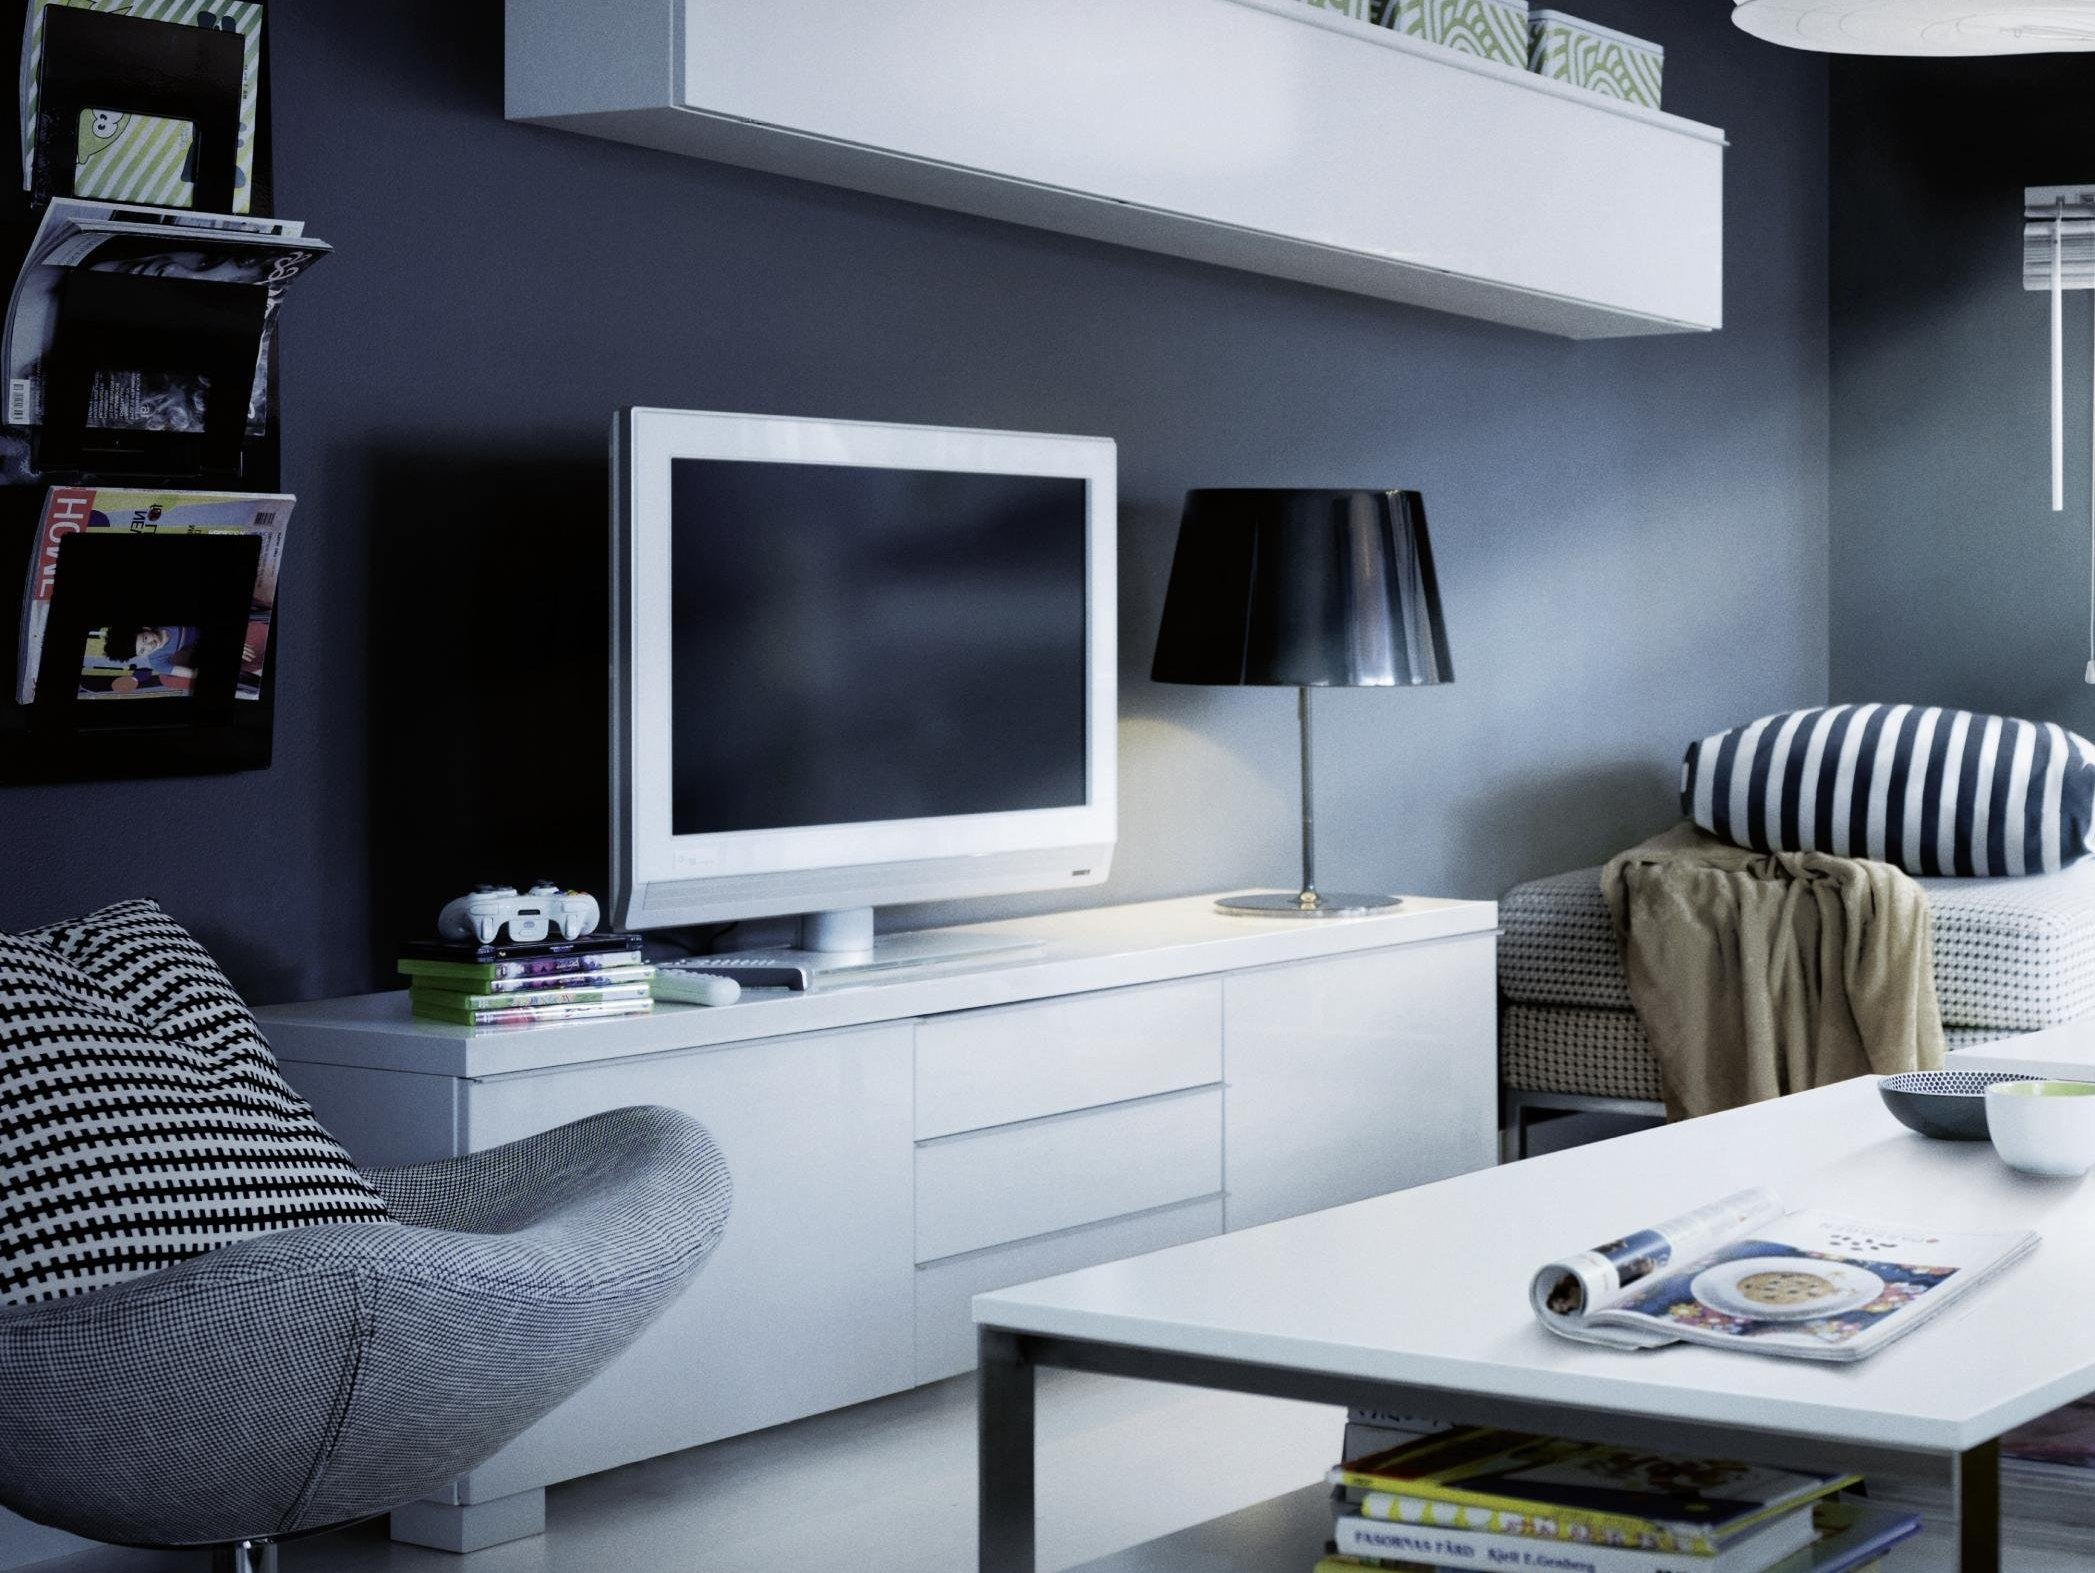 Mobili Bassi Ikea Soggiorno ikea mobili per il soggiorno (42 foto): mobili bianchi e